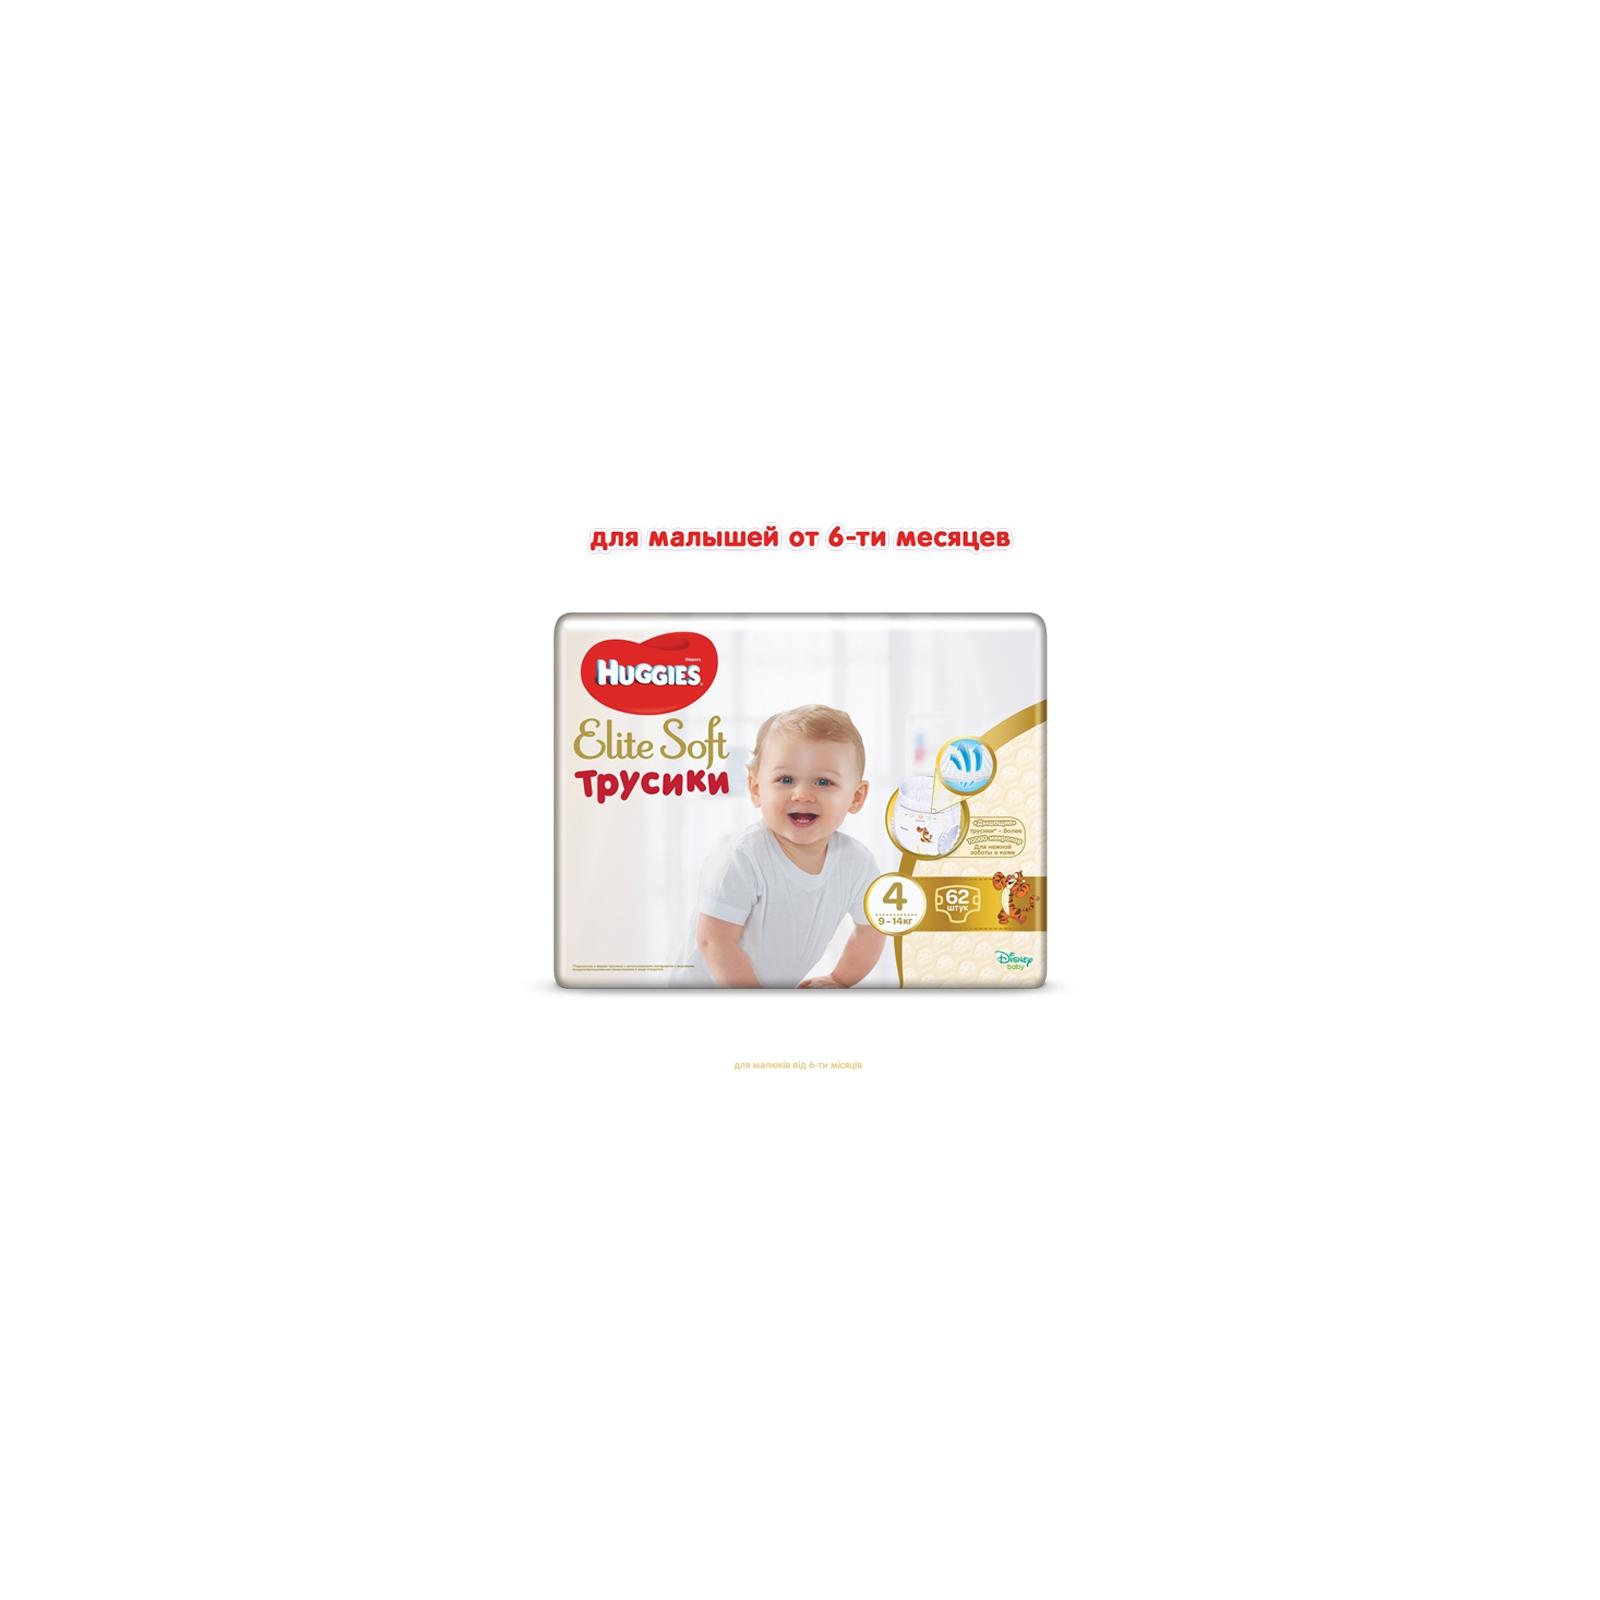 Подгузник Huggies Elite Soft Pants L размер 4 (9-14 кг) Mega 42 шт (5029053547008) изображение 2